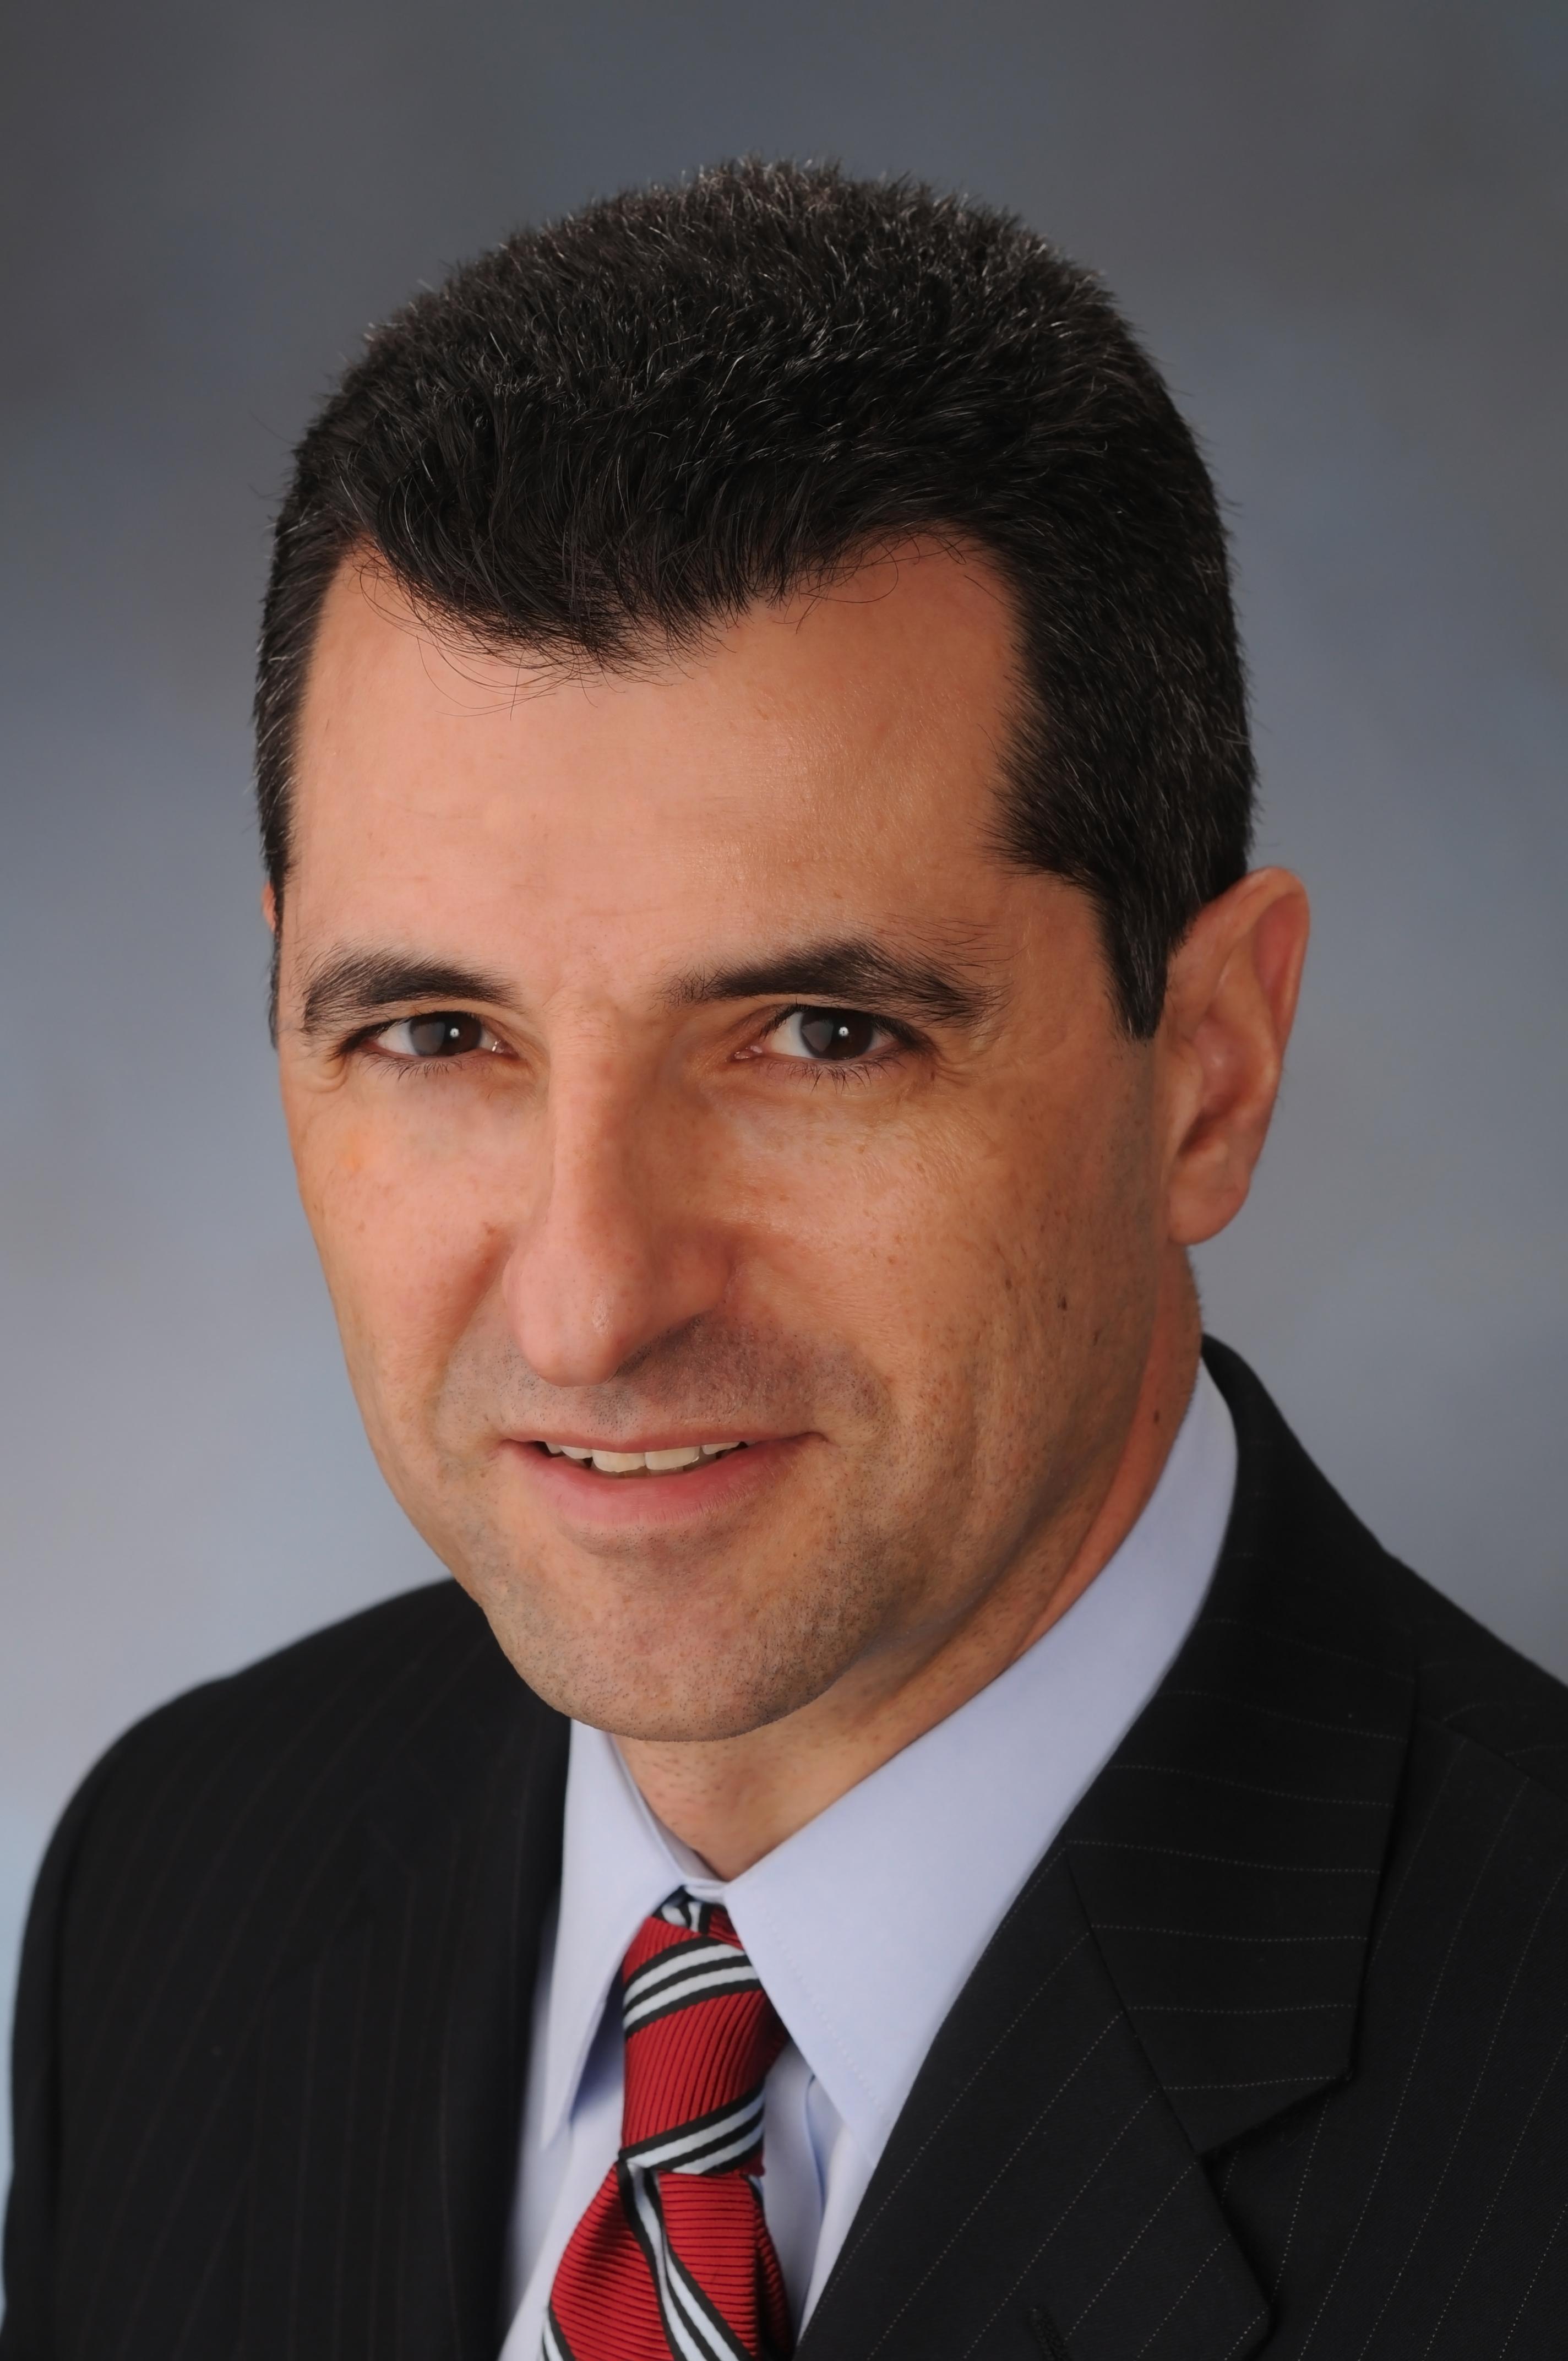 Joe Saluzzi